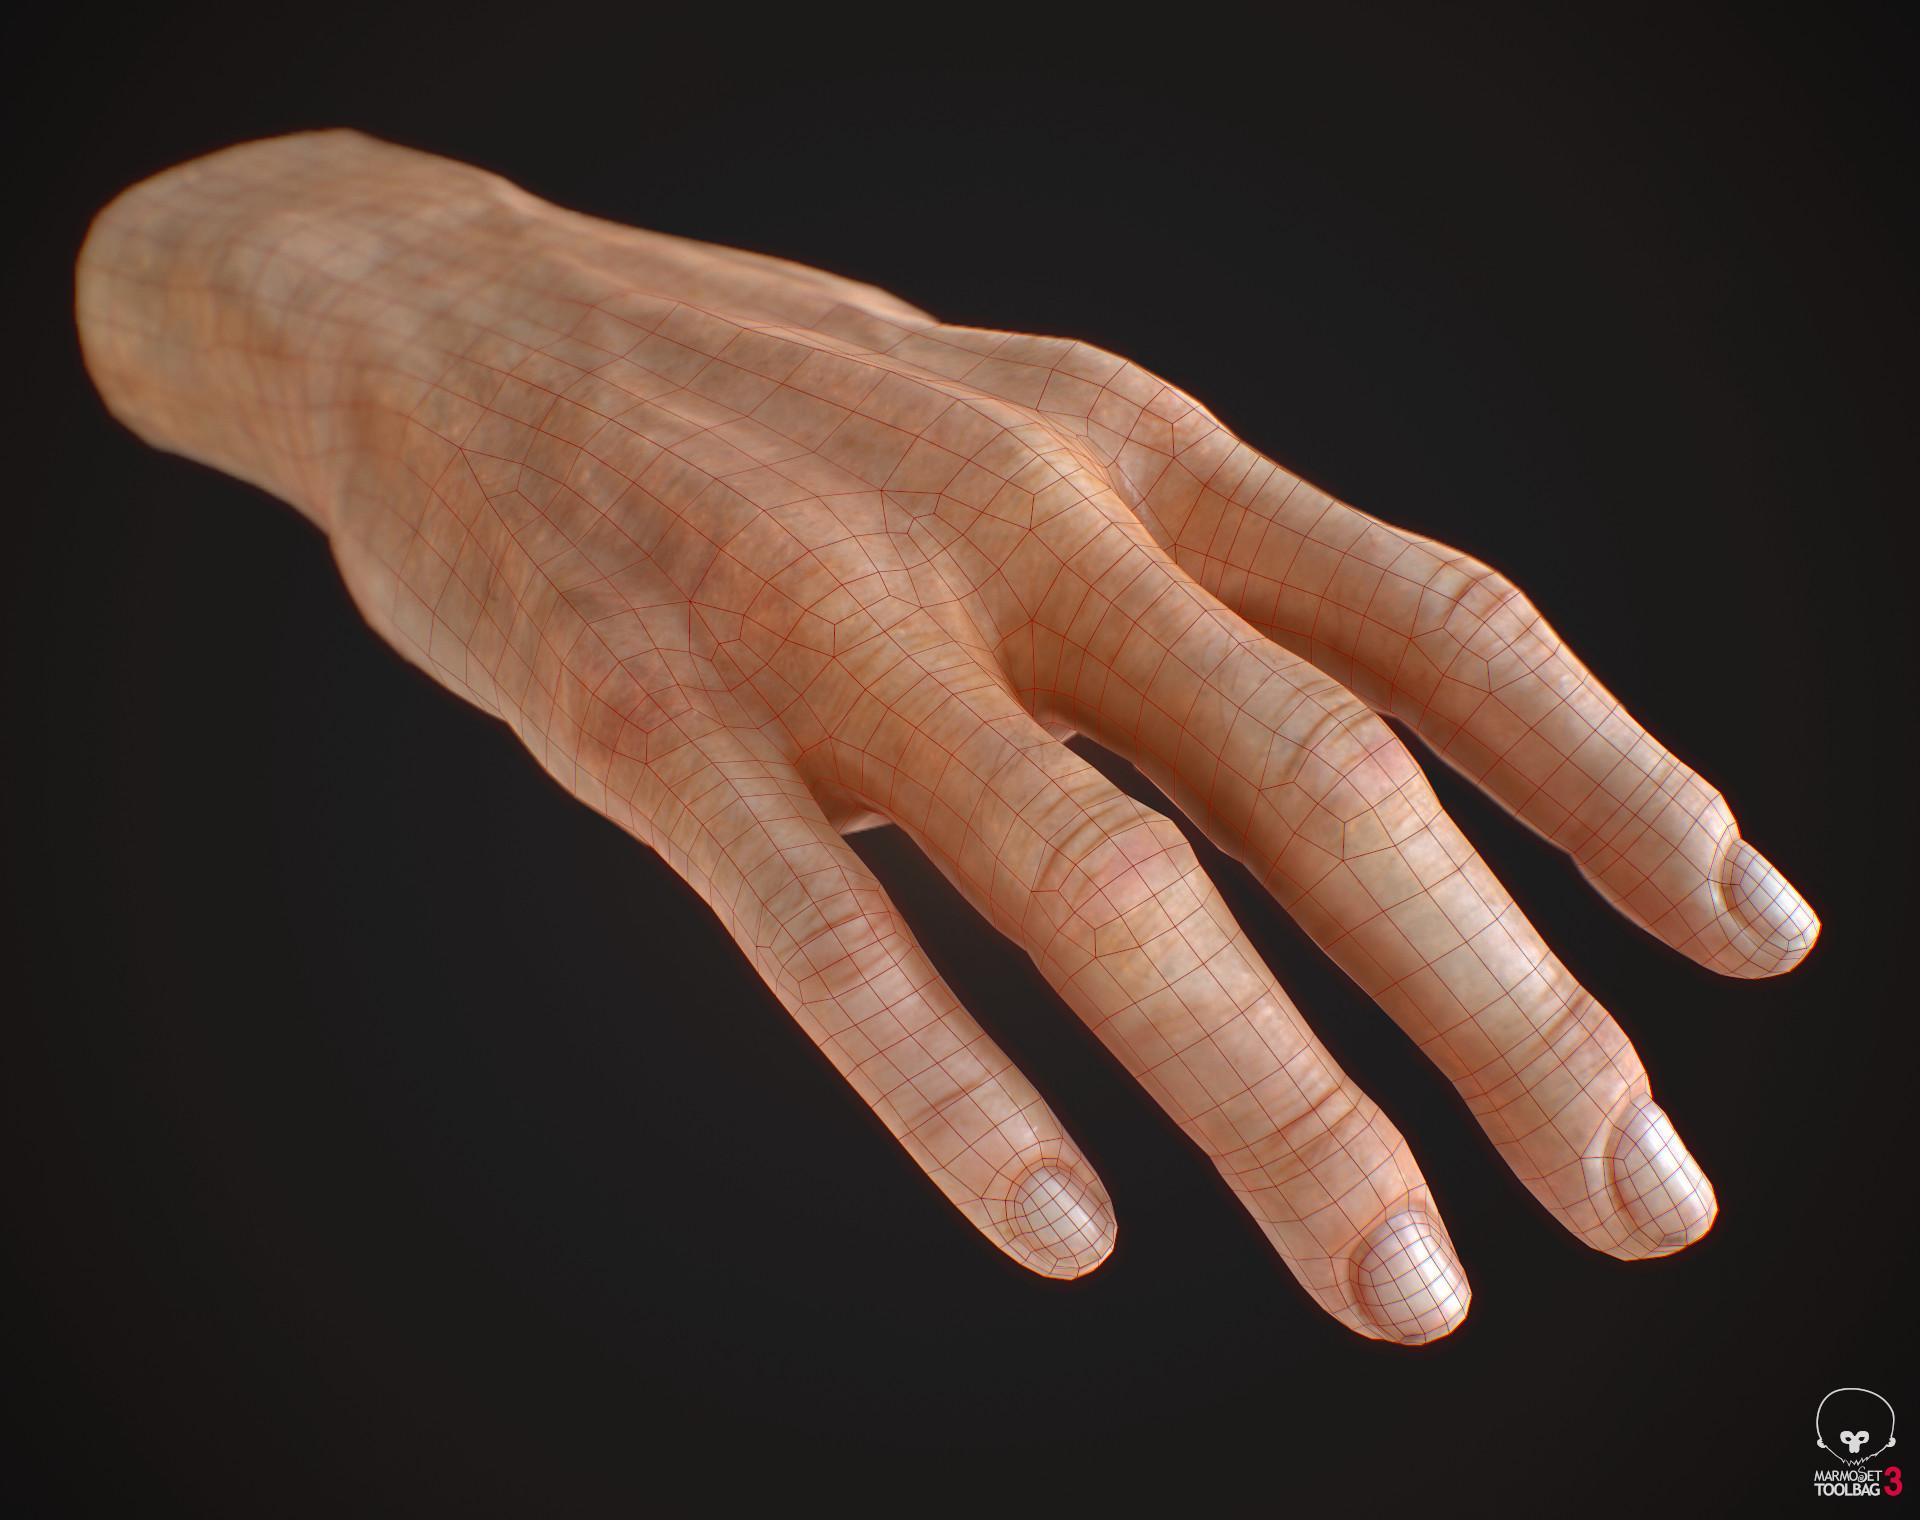 Federico abram vr hand 02